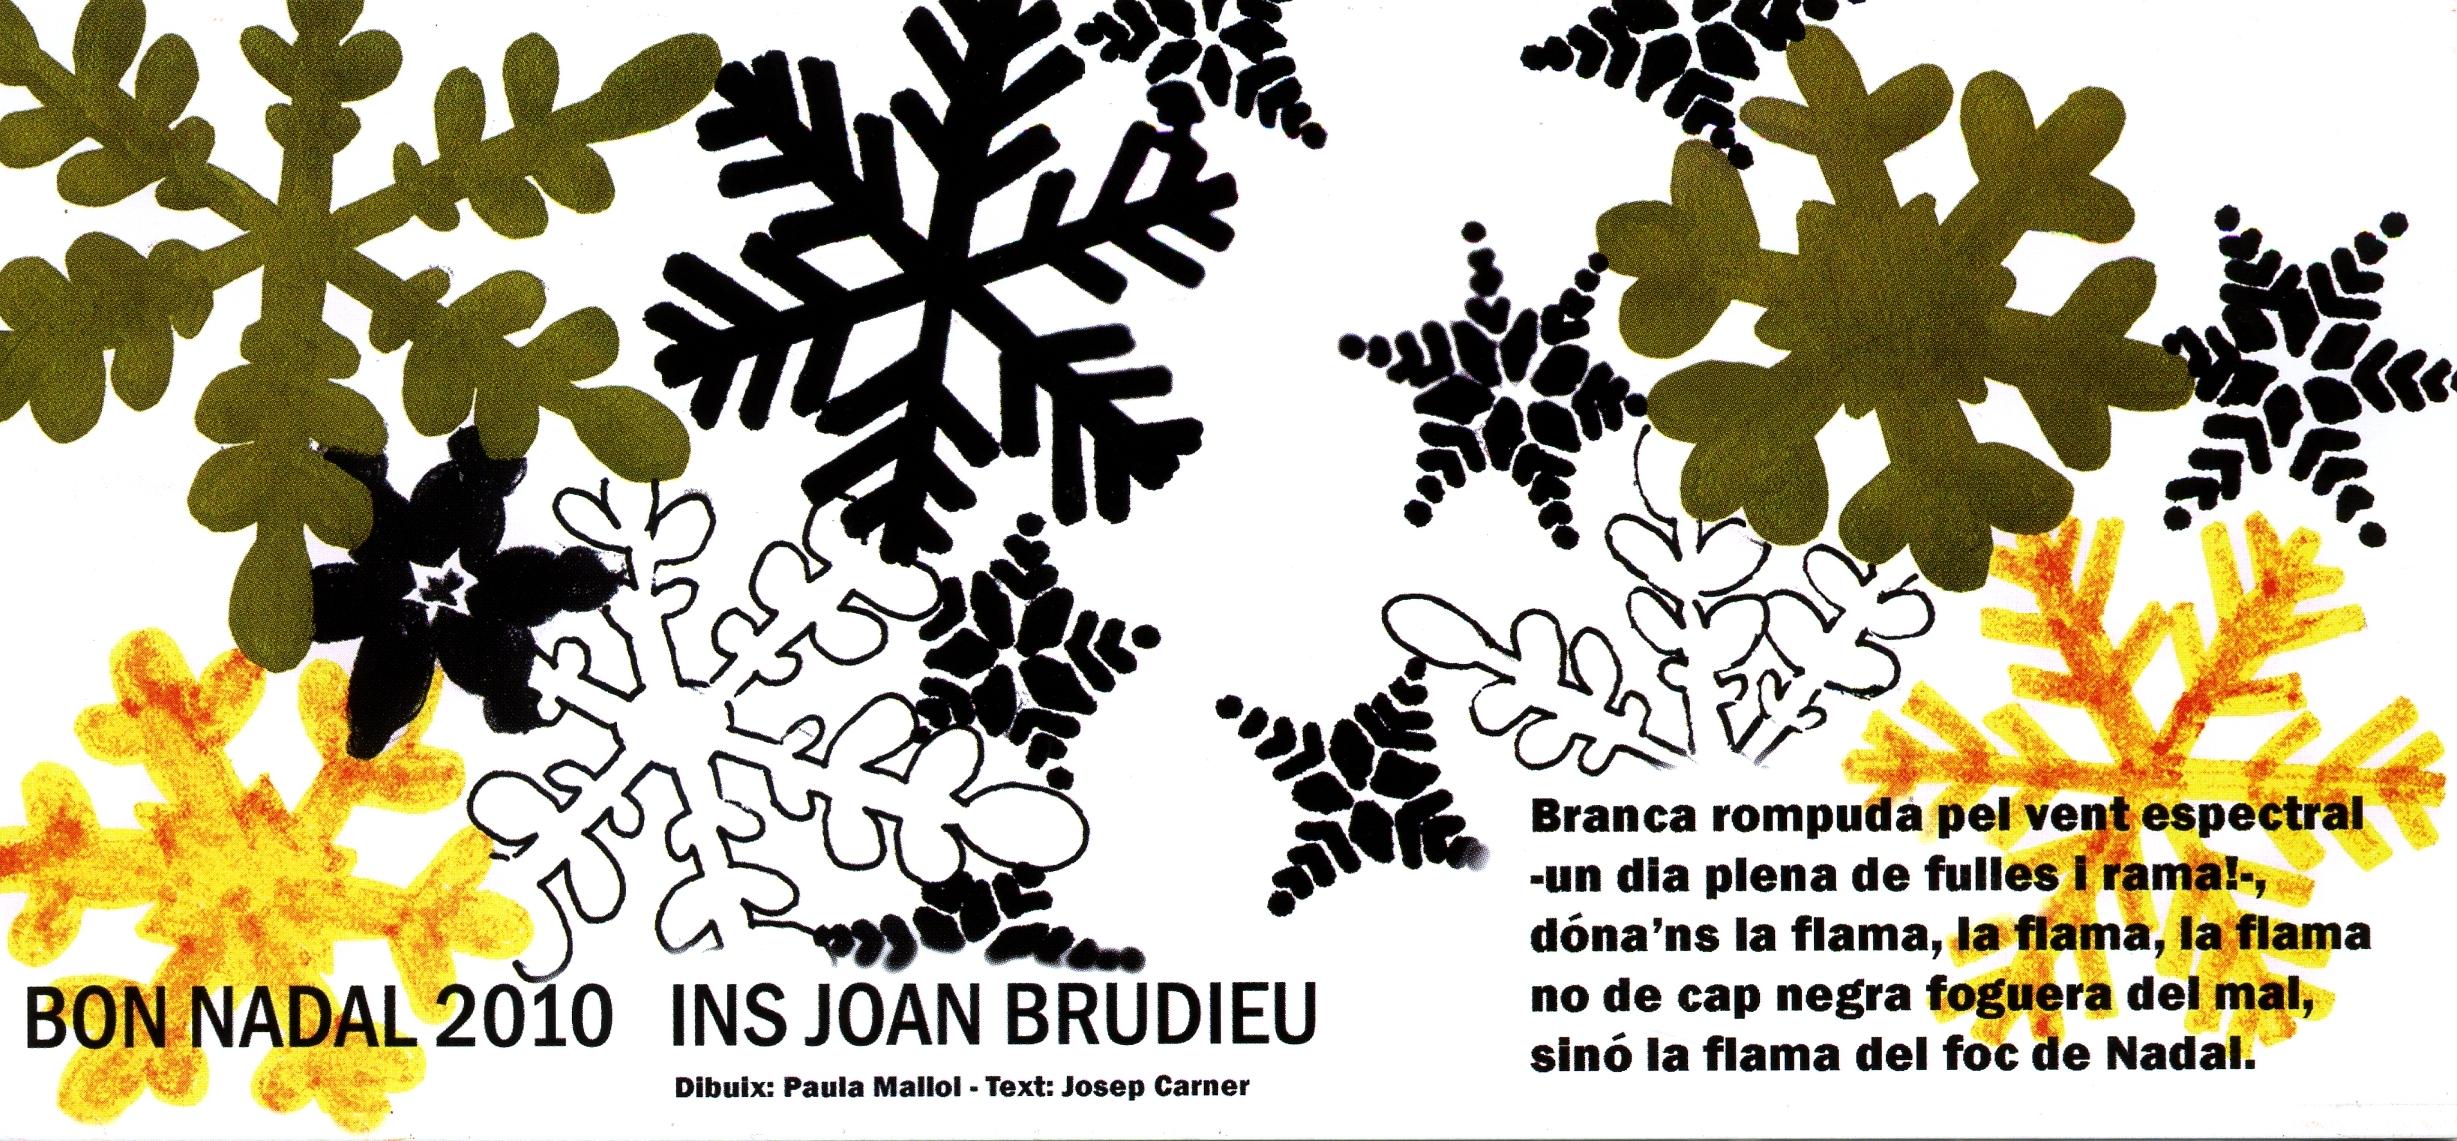 http://institutjoanbrudieu.cat/public/web_centre/html/documents/institut/curs/Nadala_2010_Institut_Joan_Brudieu.jpg